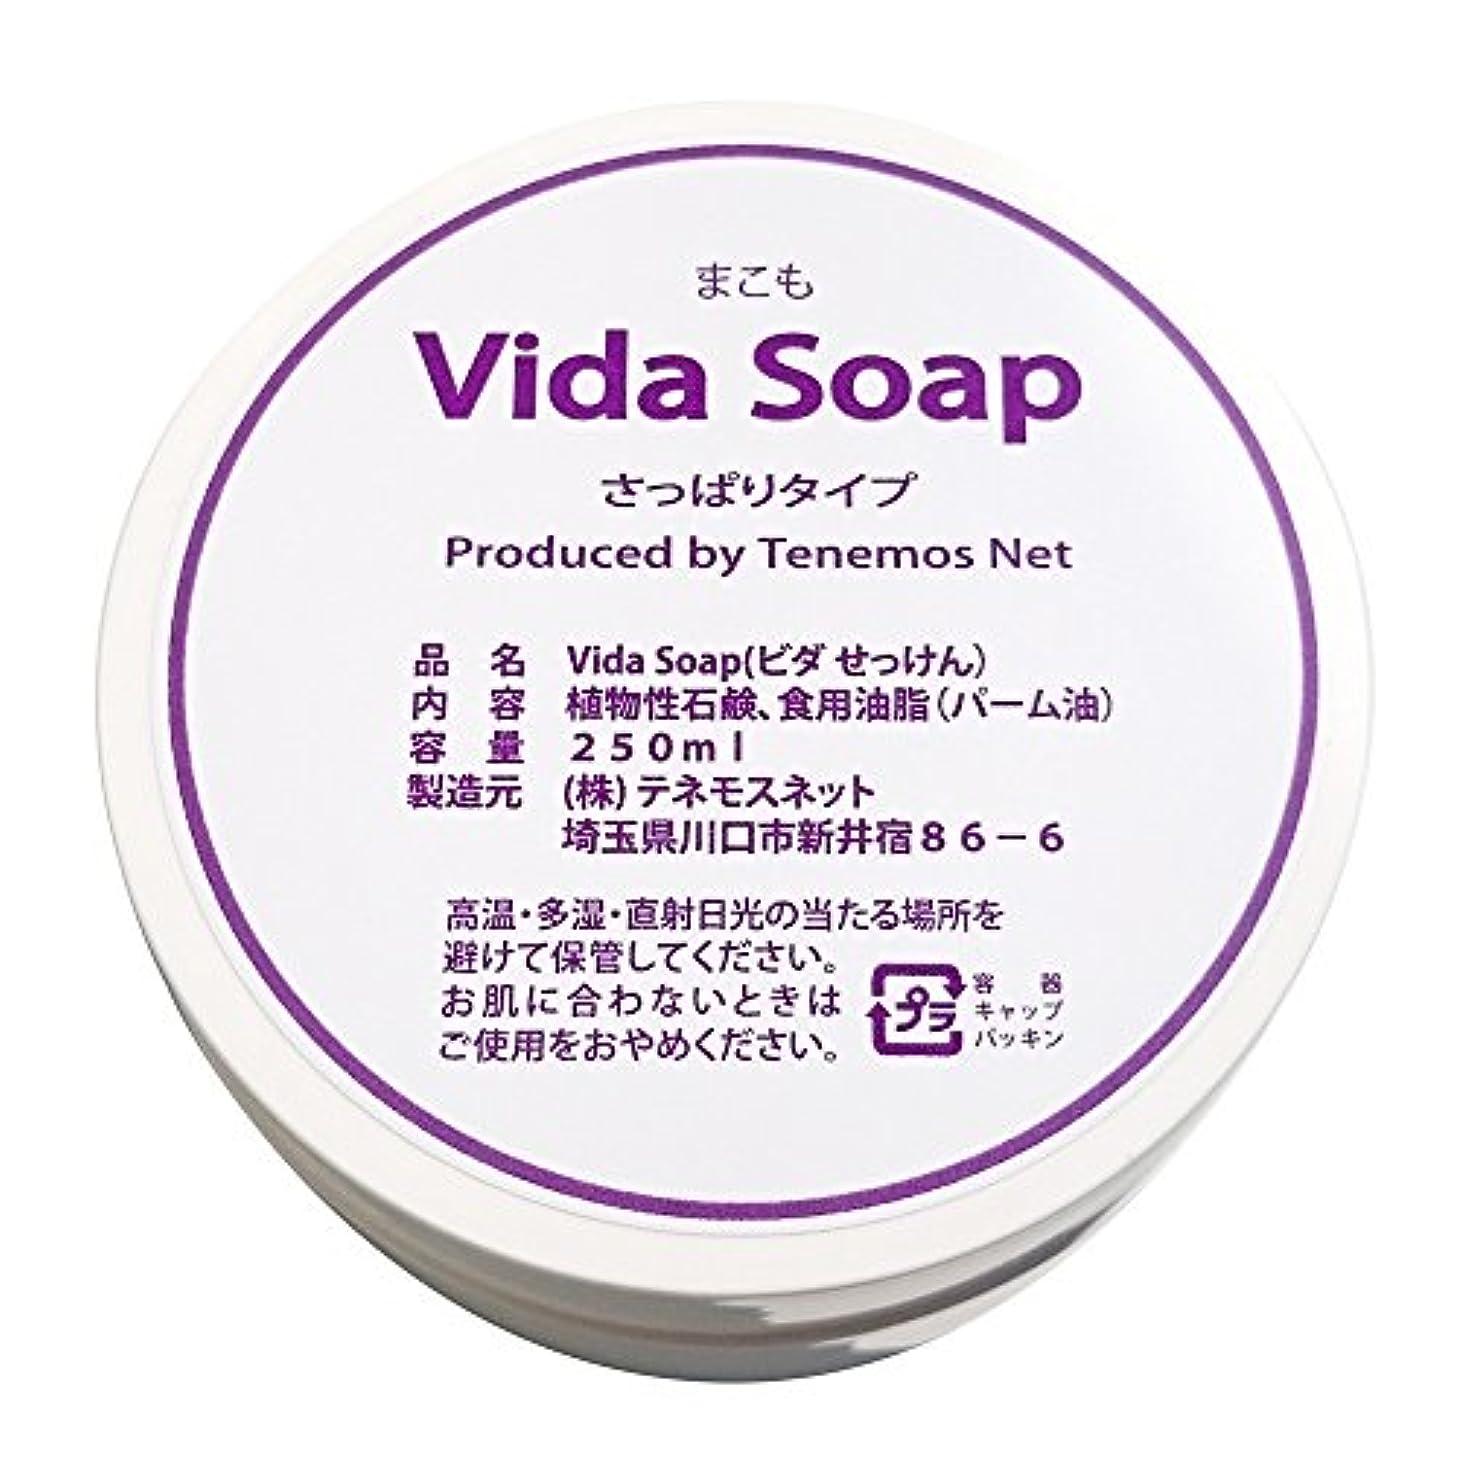 ドラッグ力チートテネモス ビダせっけん Vida Soap さっぱりまこも 植物性 250ml